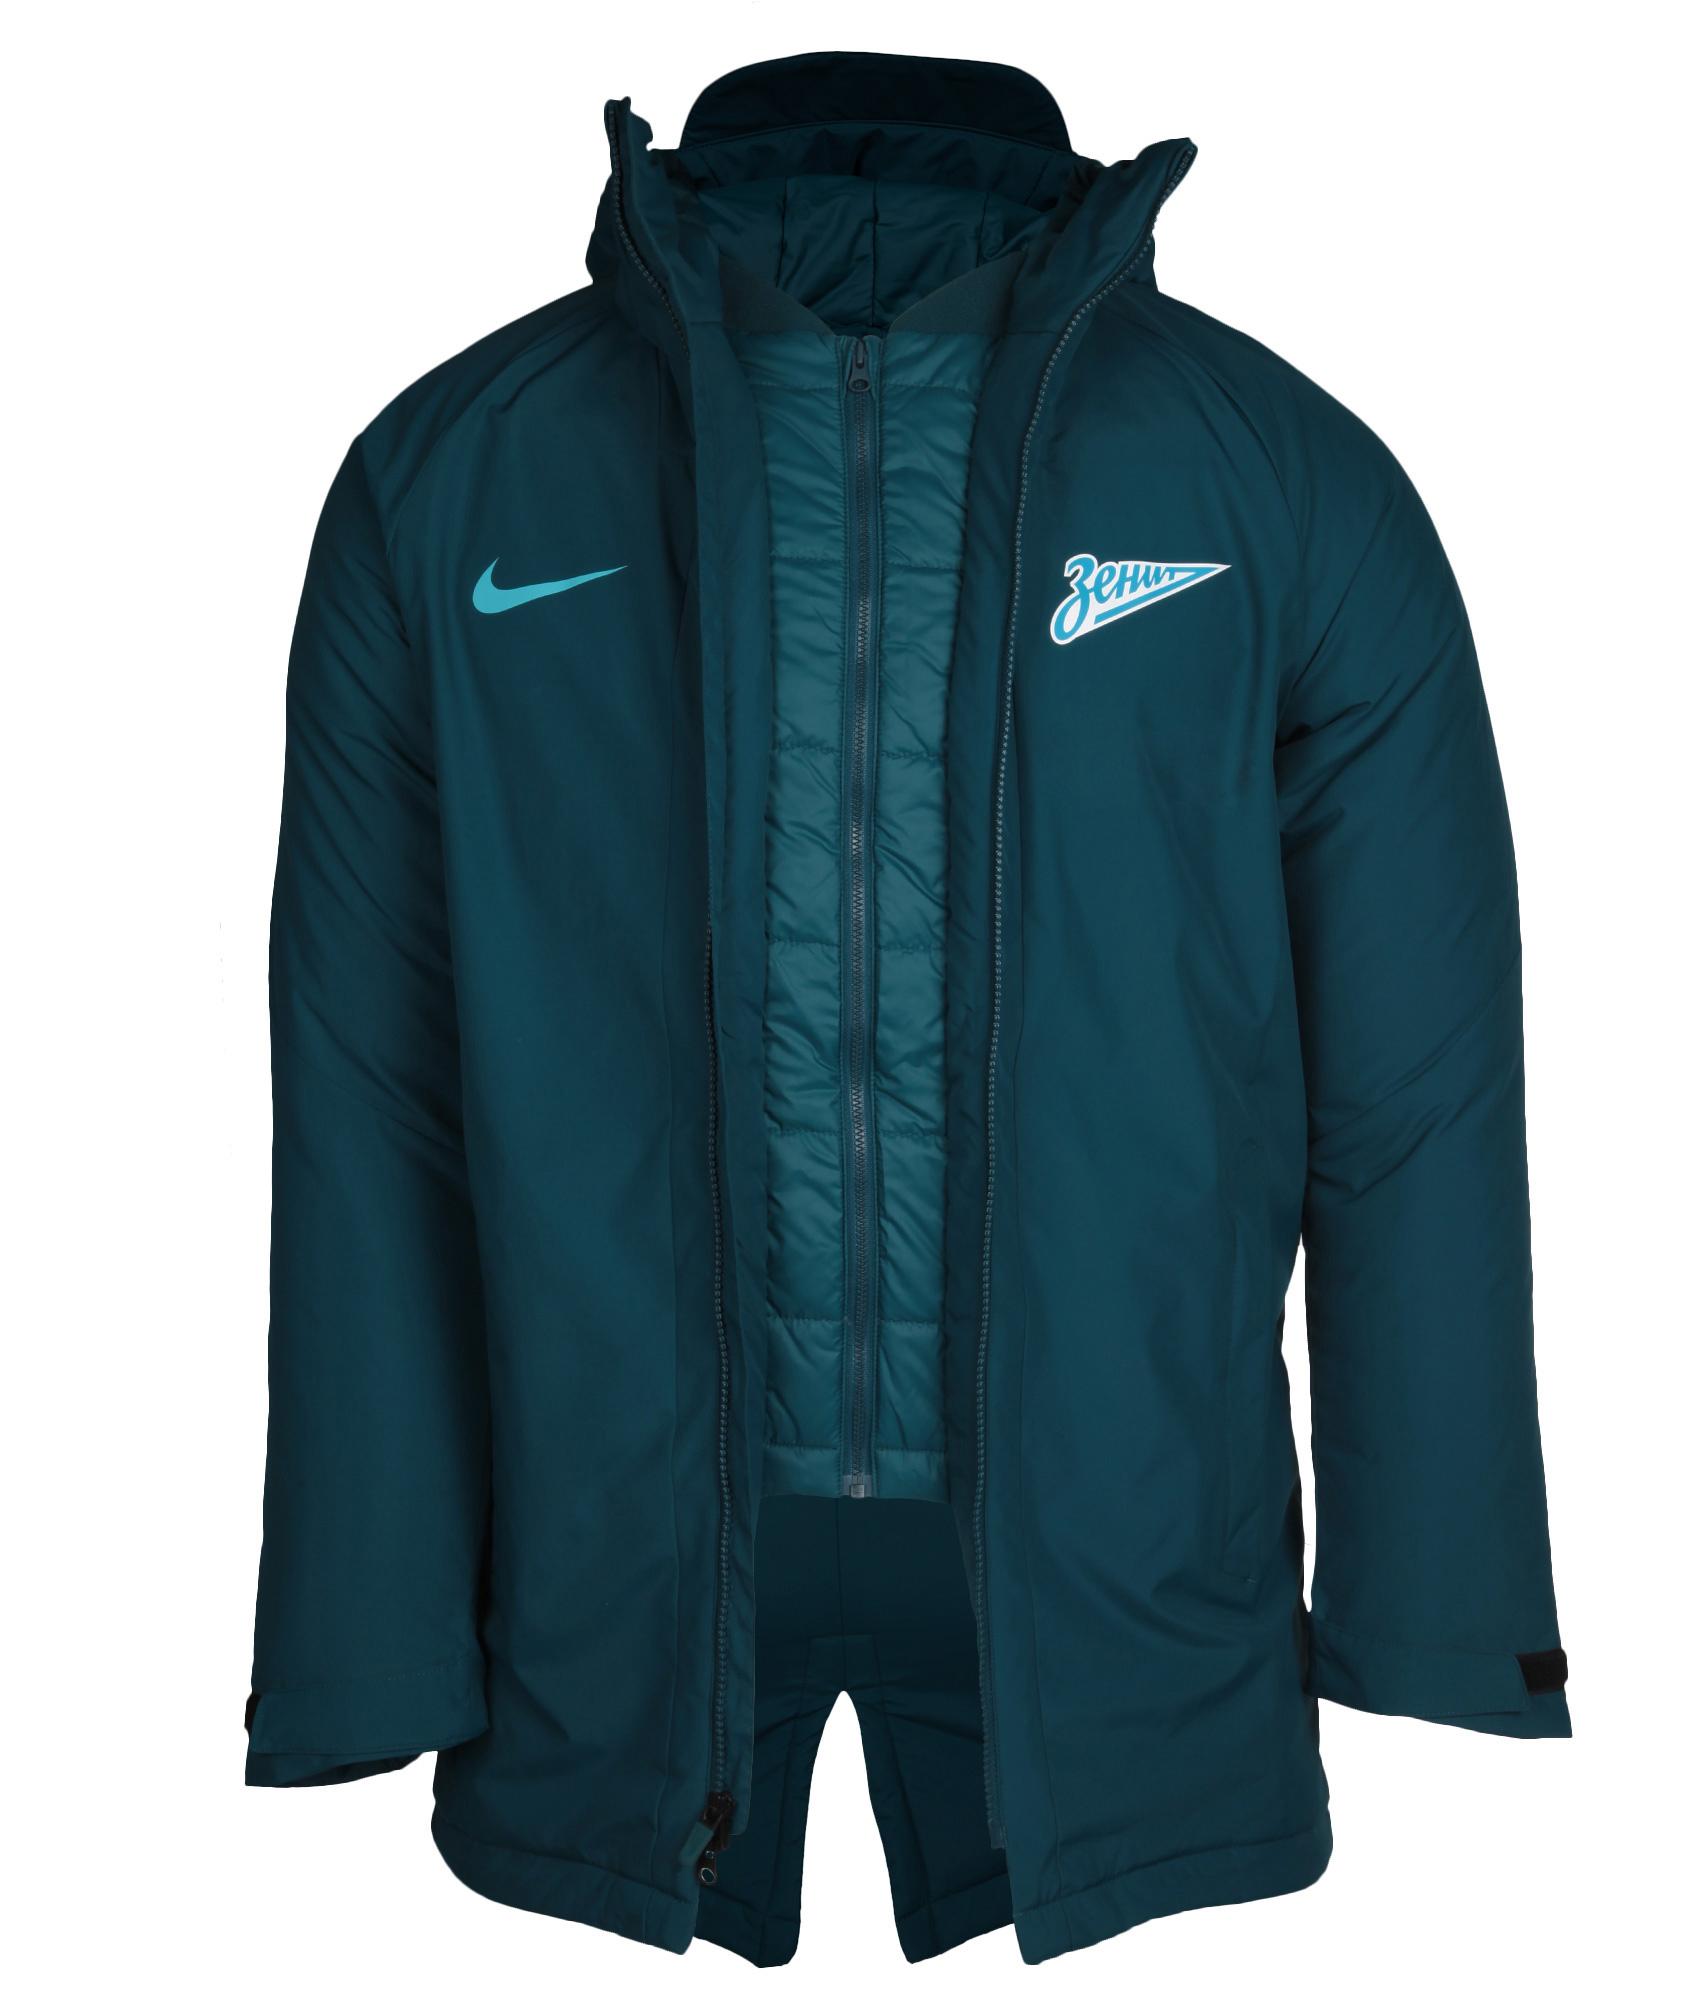 демисезонная одежда Куртка демисезонная Nike, Размер-XXL